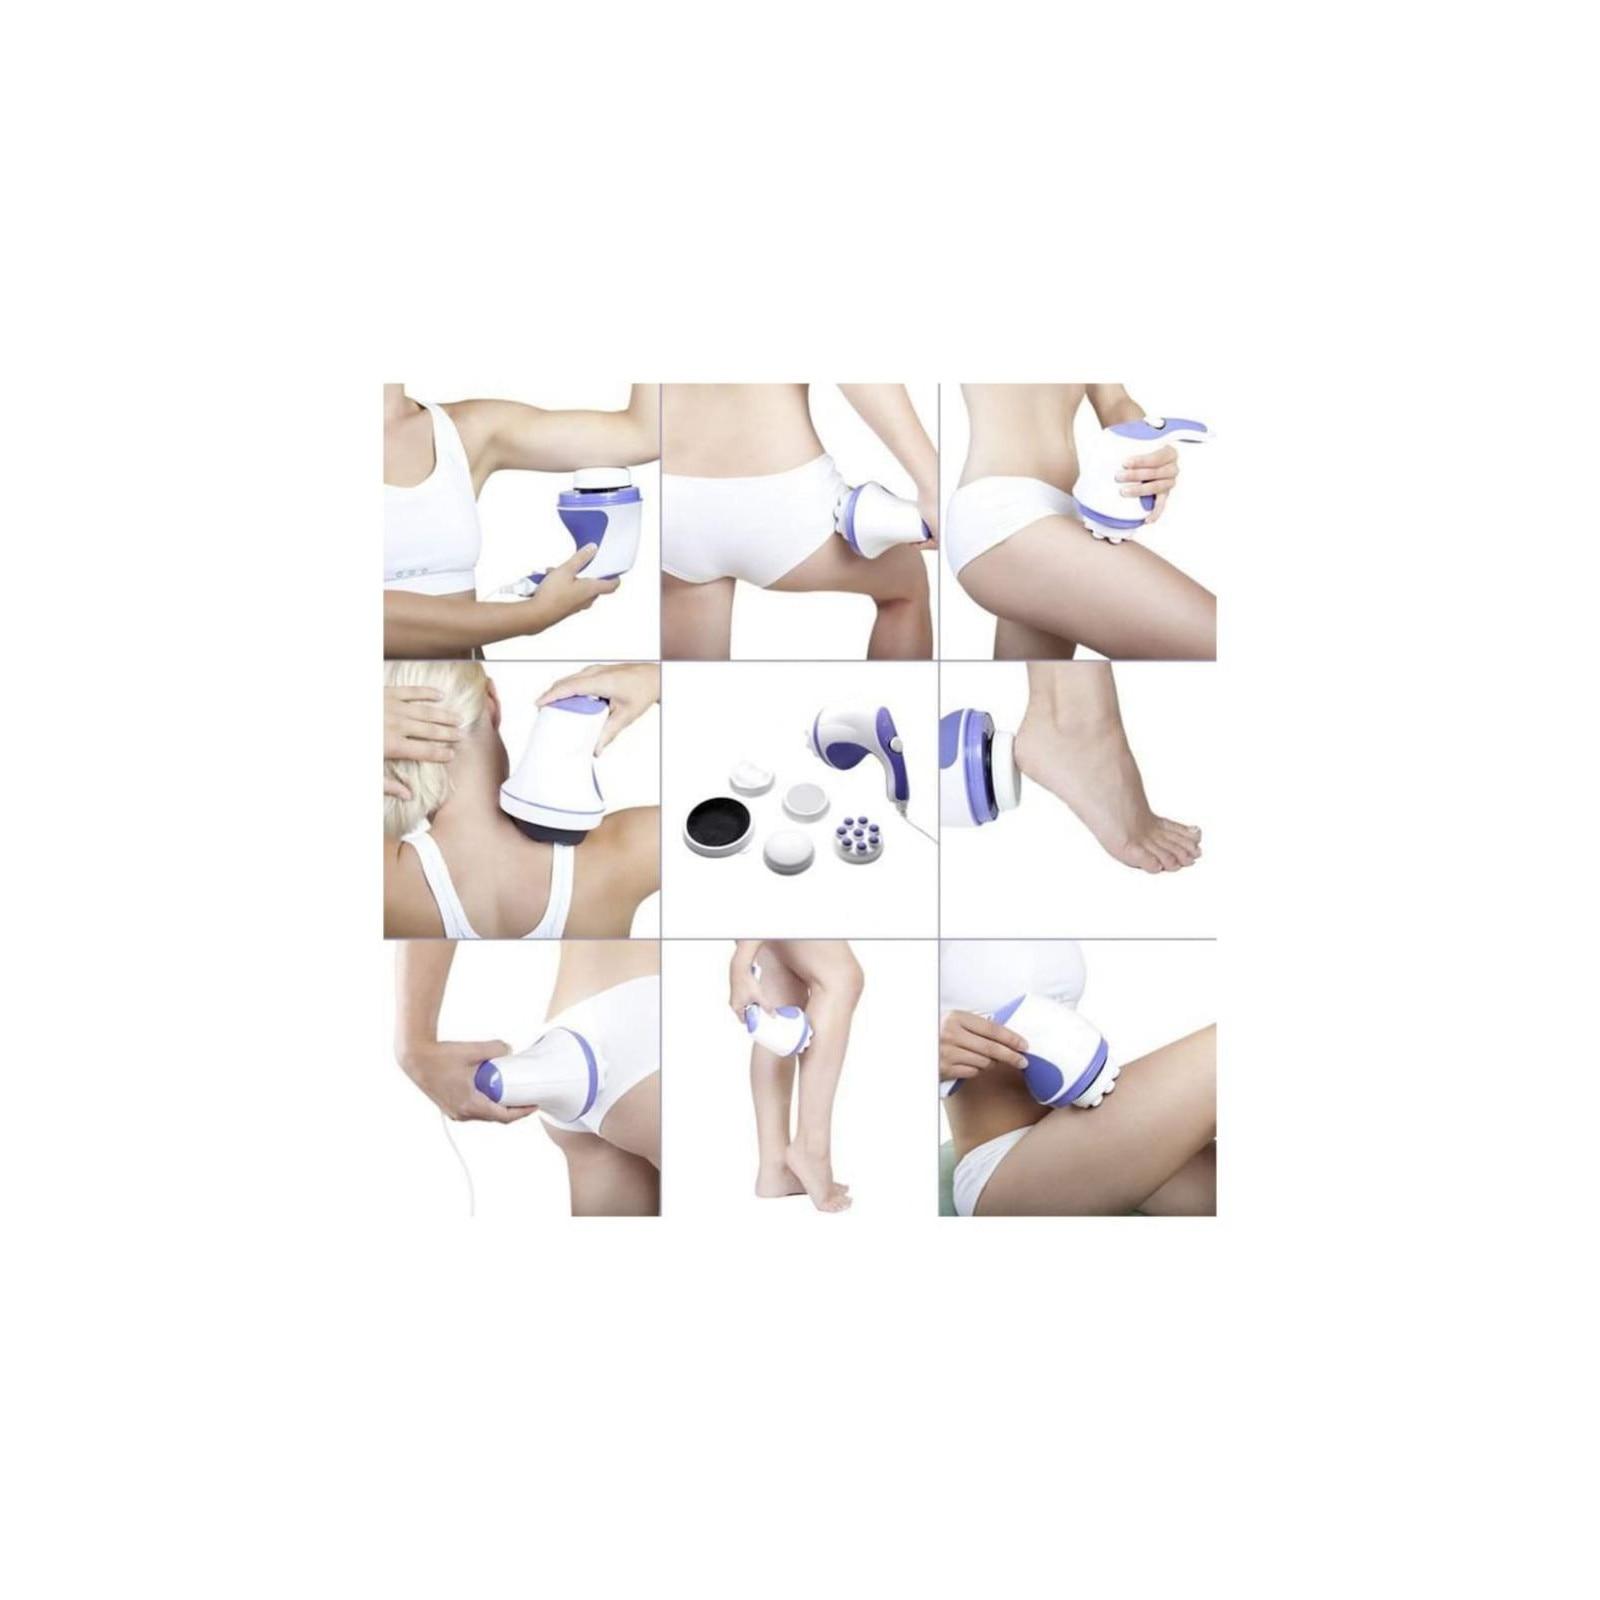 tratamentul artrozei piciorului cu magnetoterapie